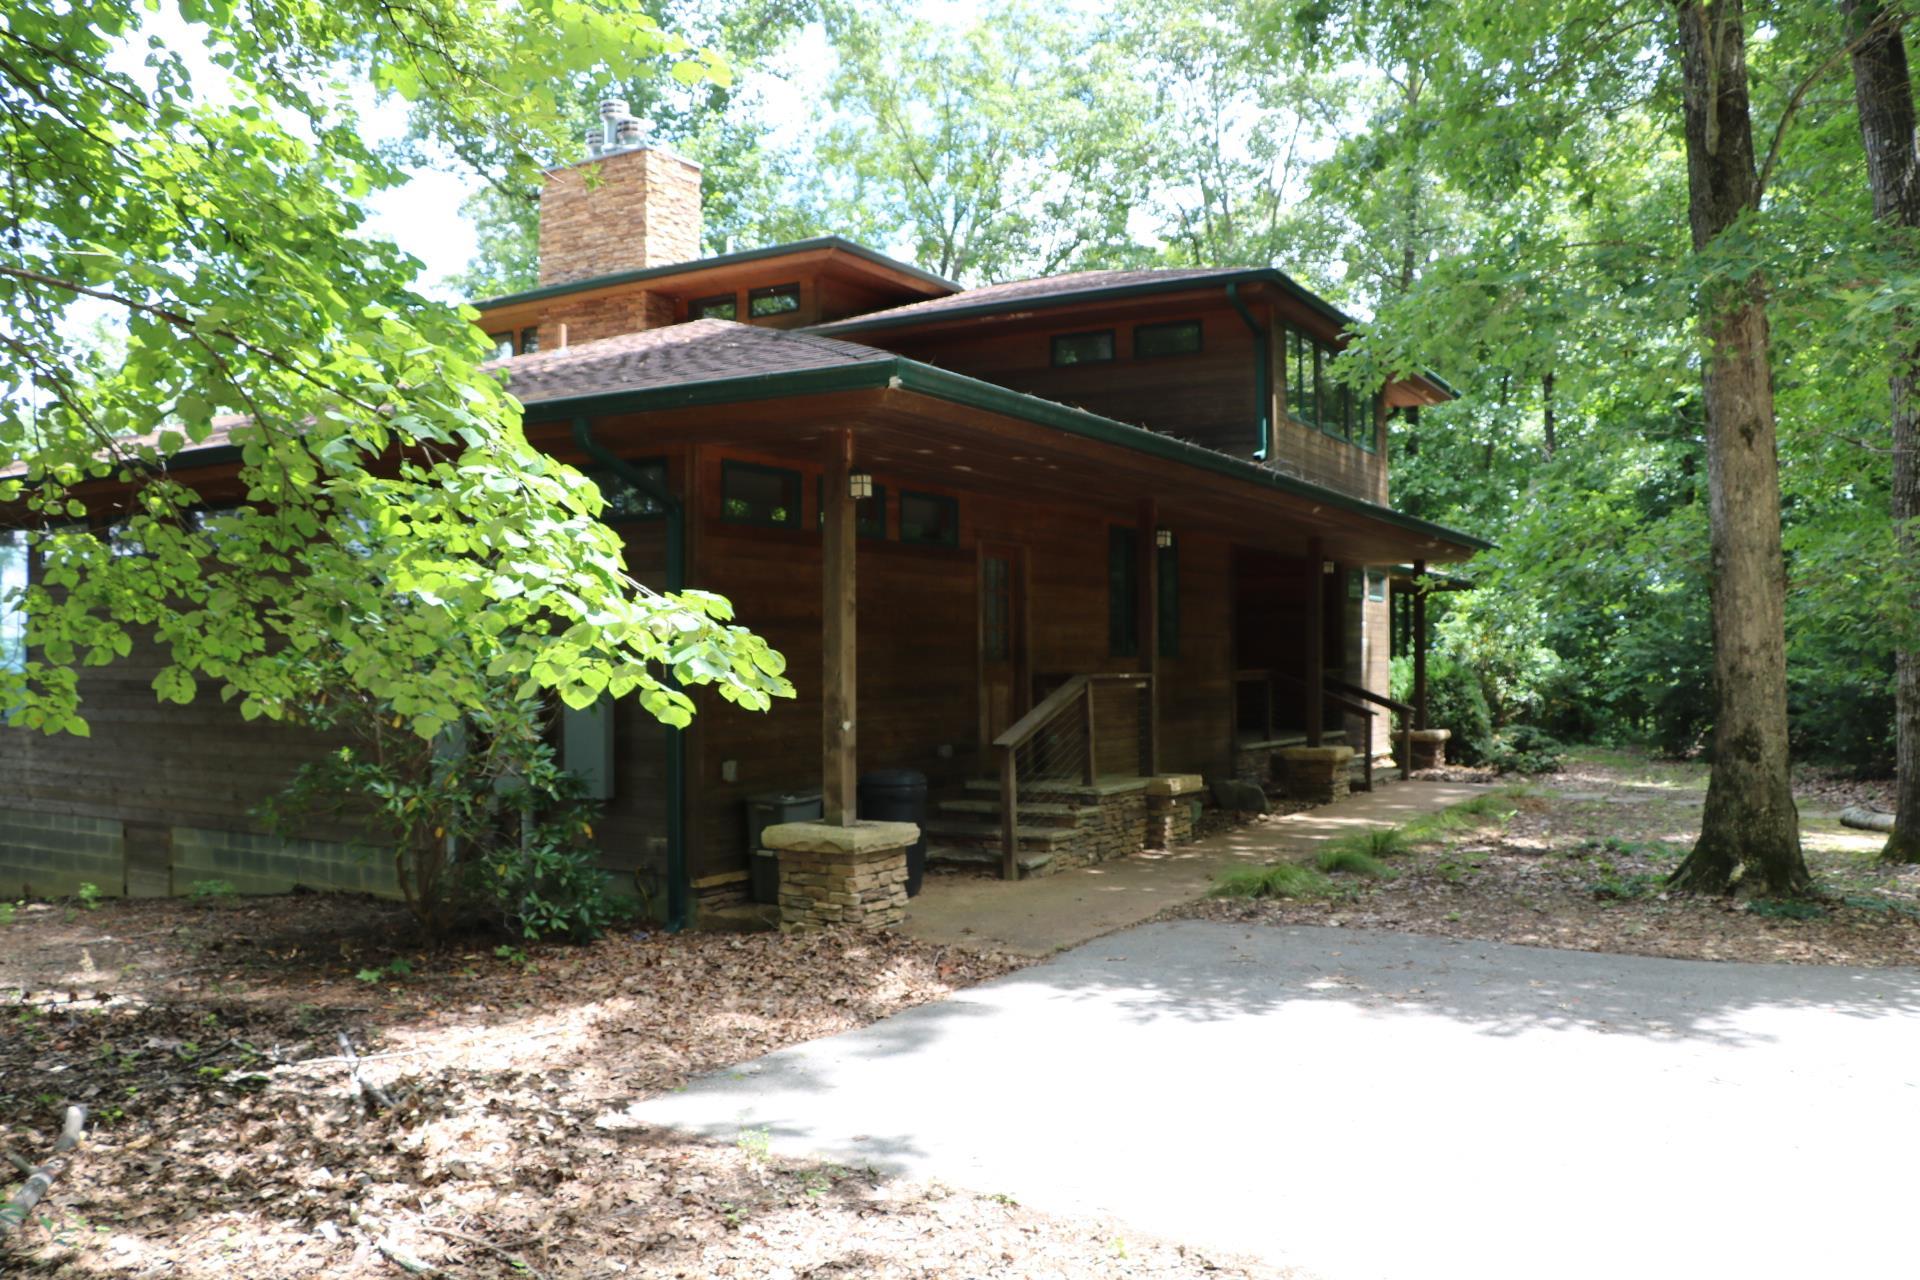 479 Saddle Tree, Sewanee, TN 37375 - Sewanee, TN real estate listing